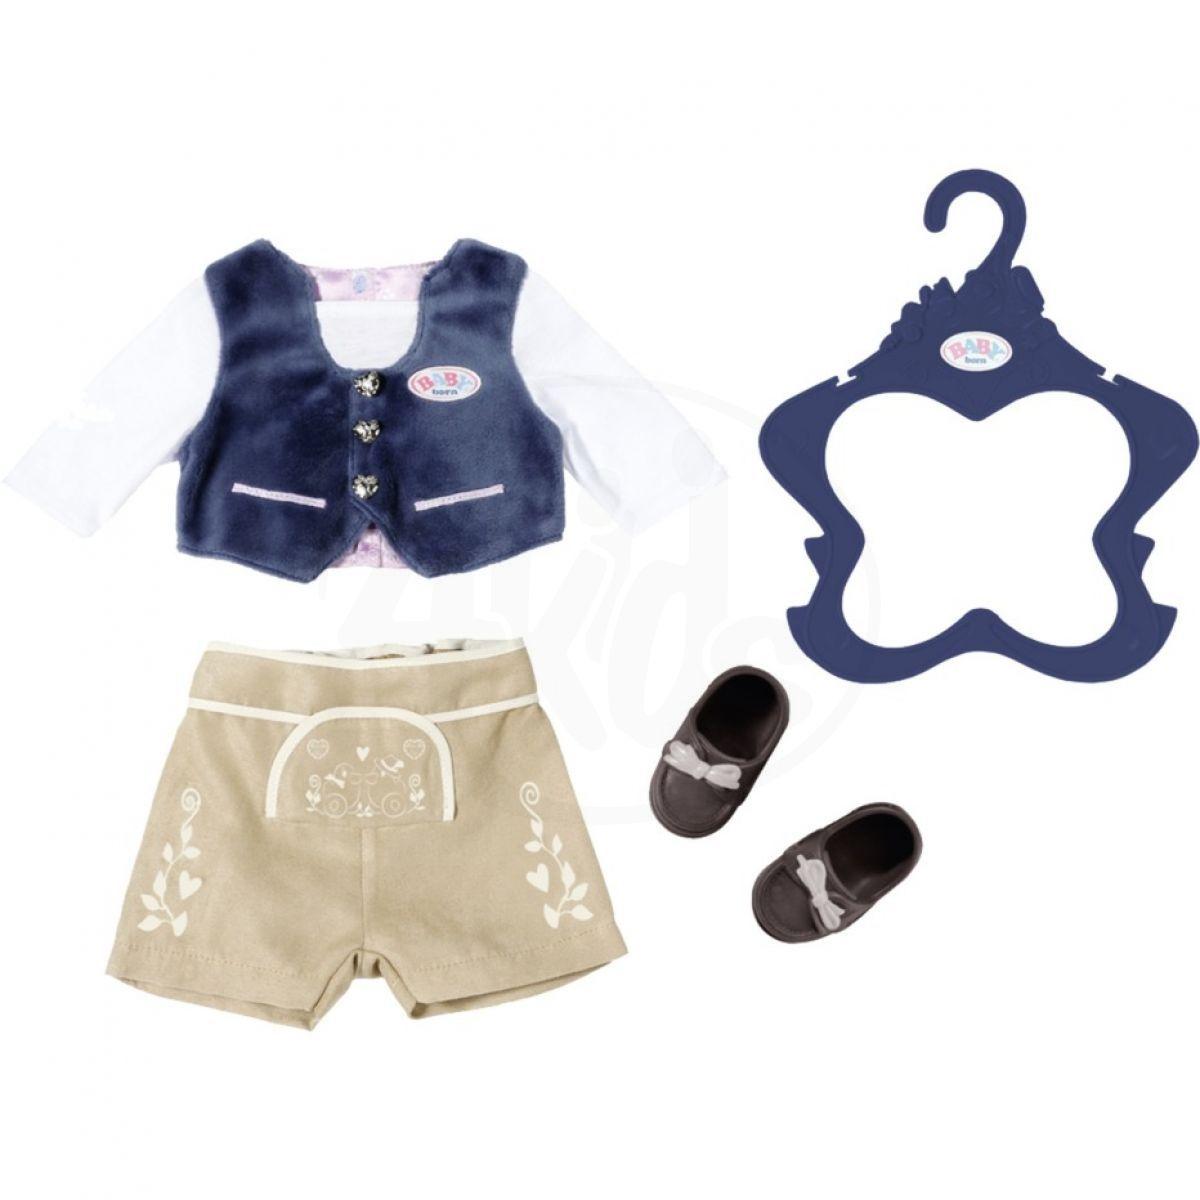 Baby Born Oblečení Chlapecký kroj pro panenku